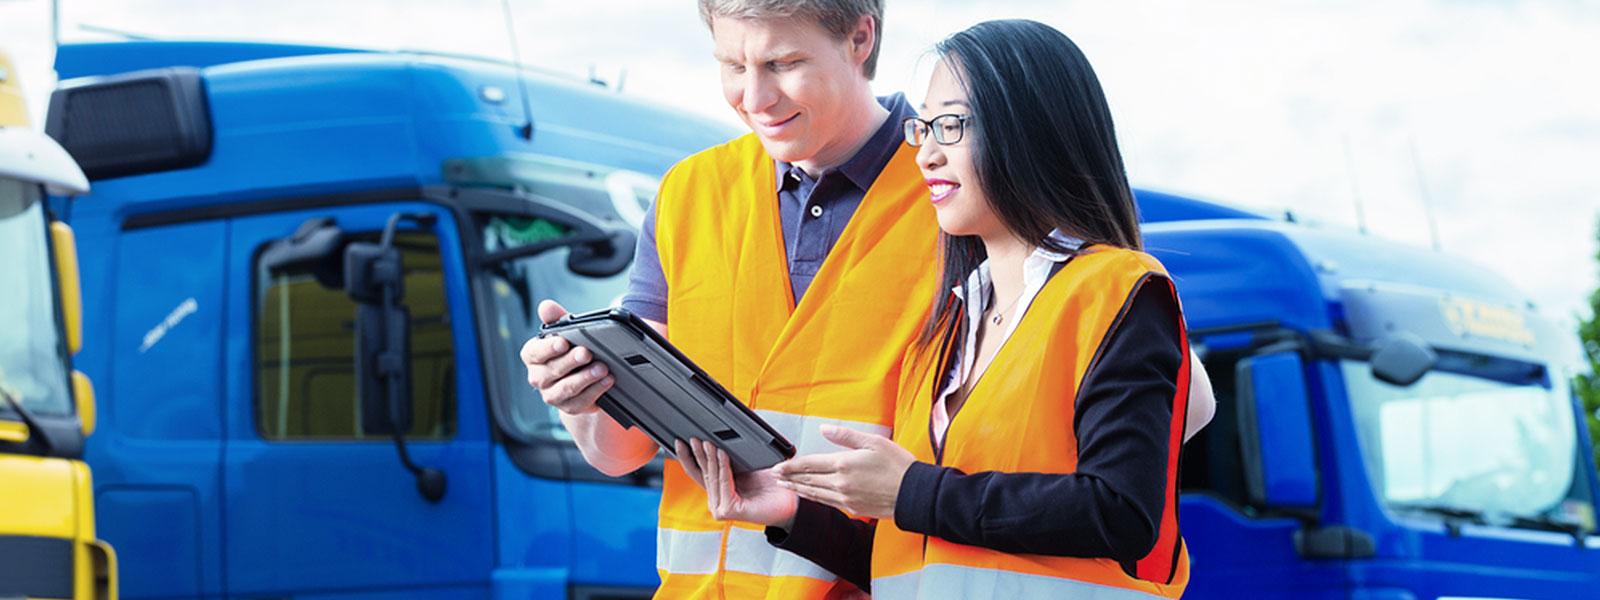 Conheça a jornada de trabalho dos seus funcionários com a CEABS Serviços